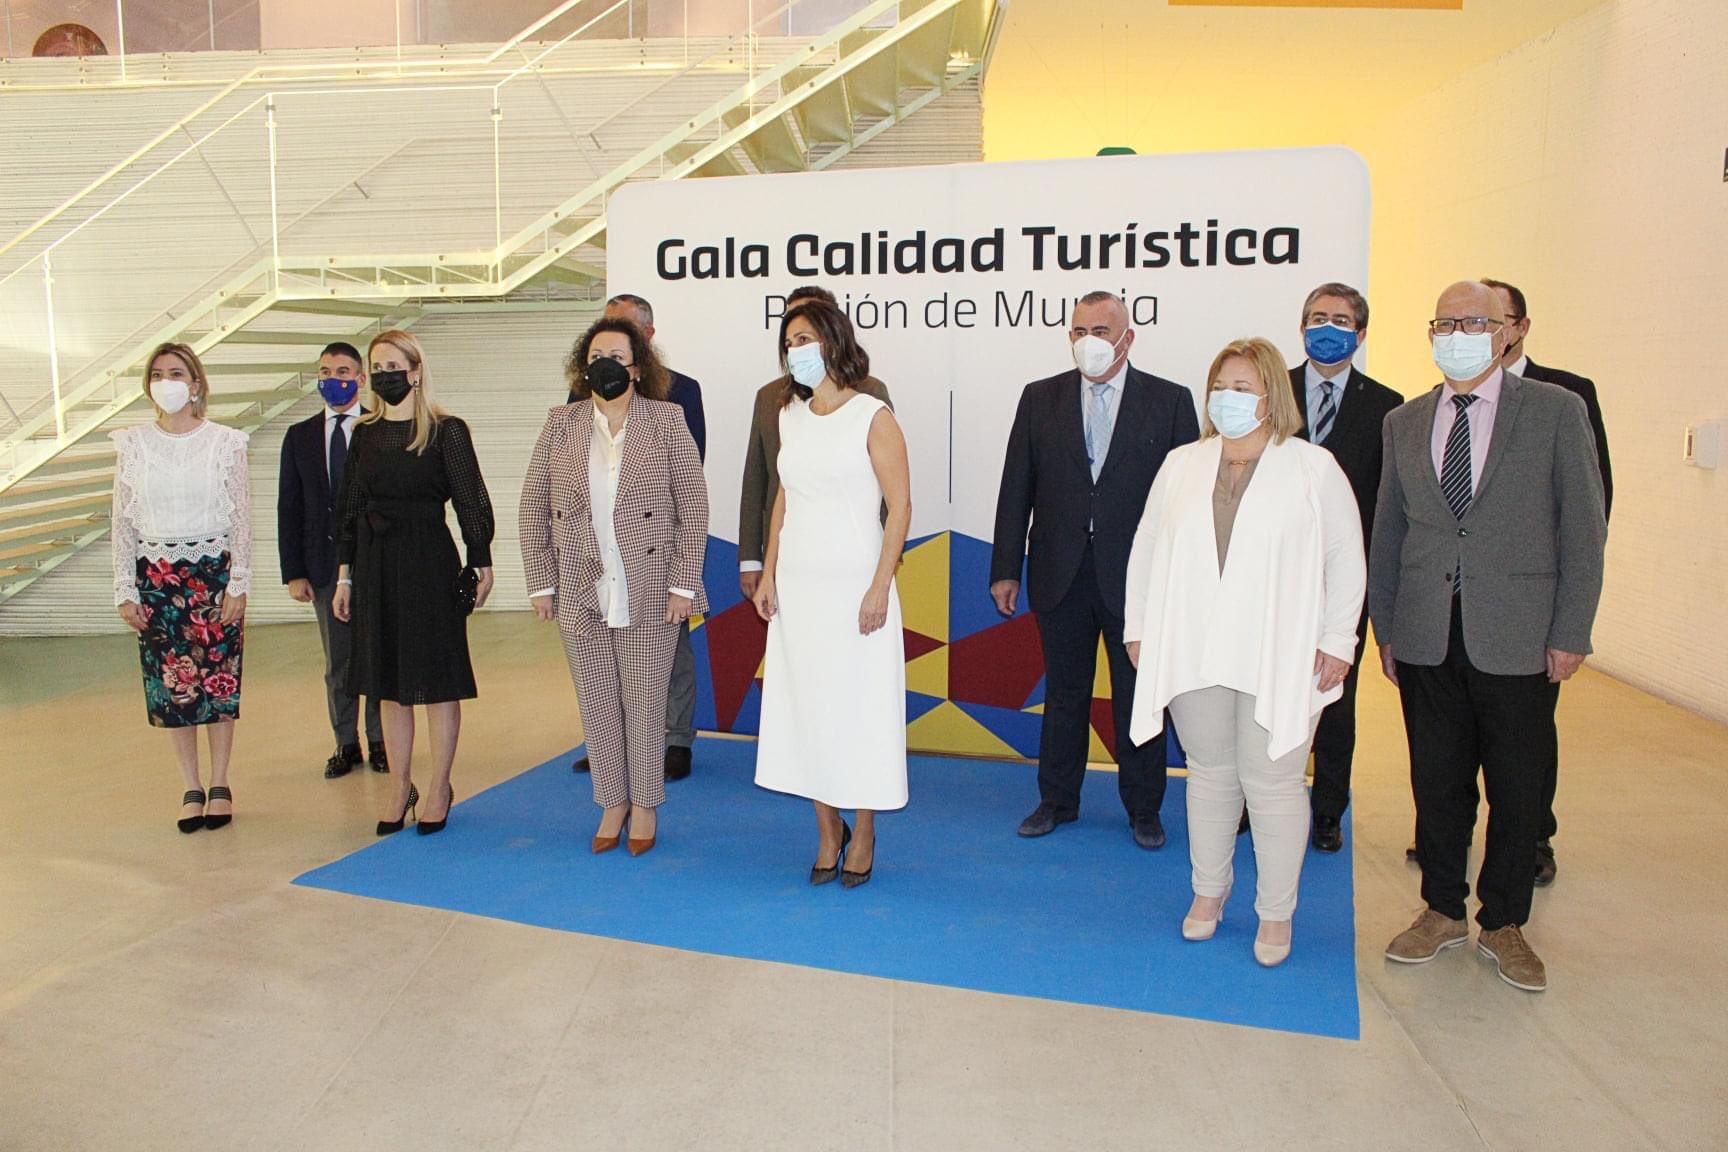 Gala de Turismo celebrada en El Batel.